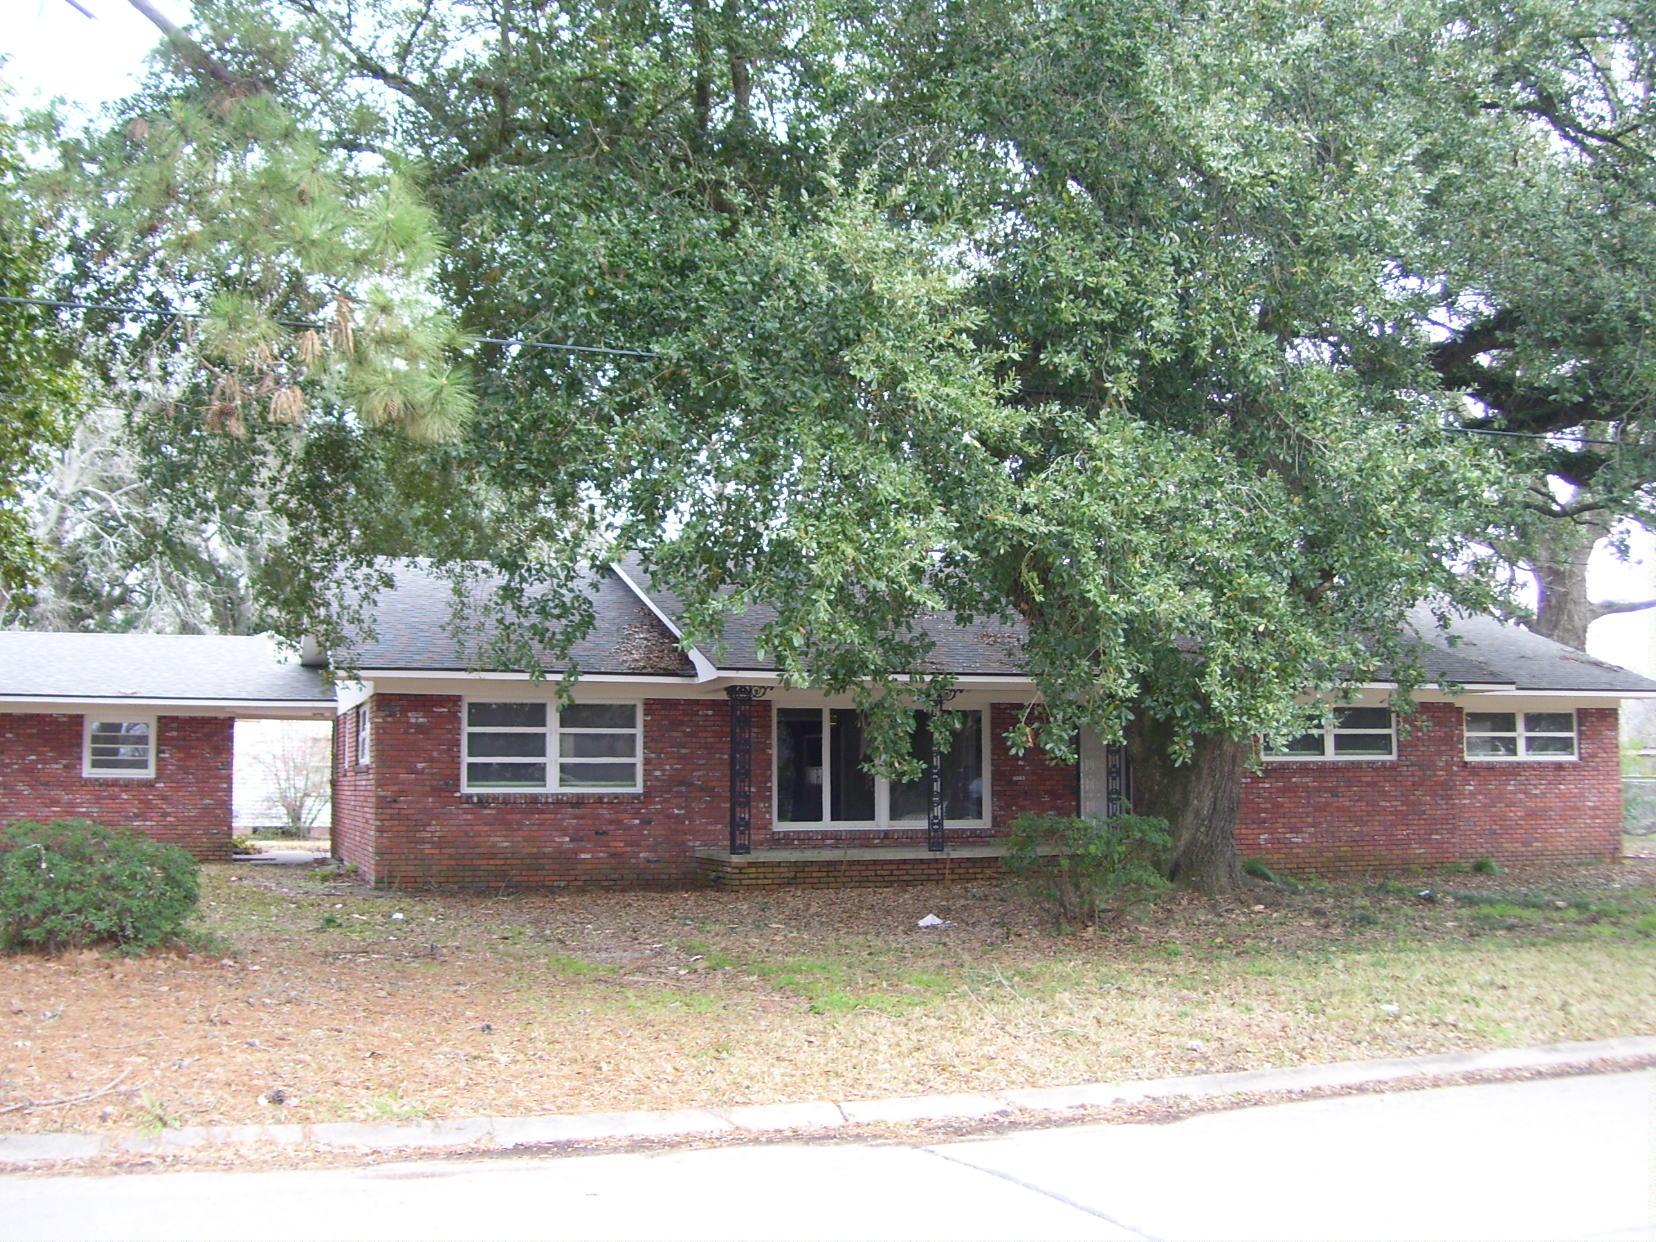 317 N Thompson, Ville Platte, Louisiana 70586